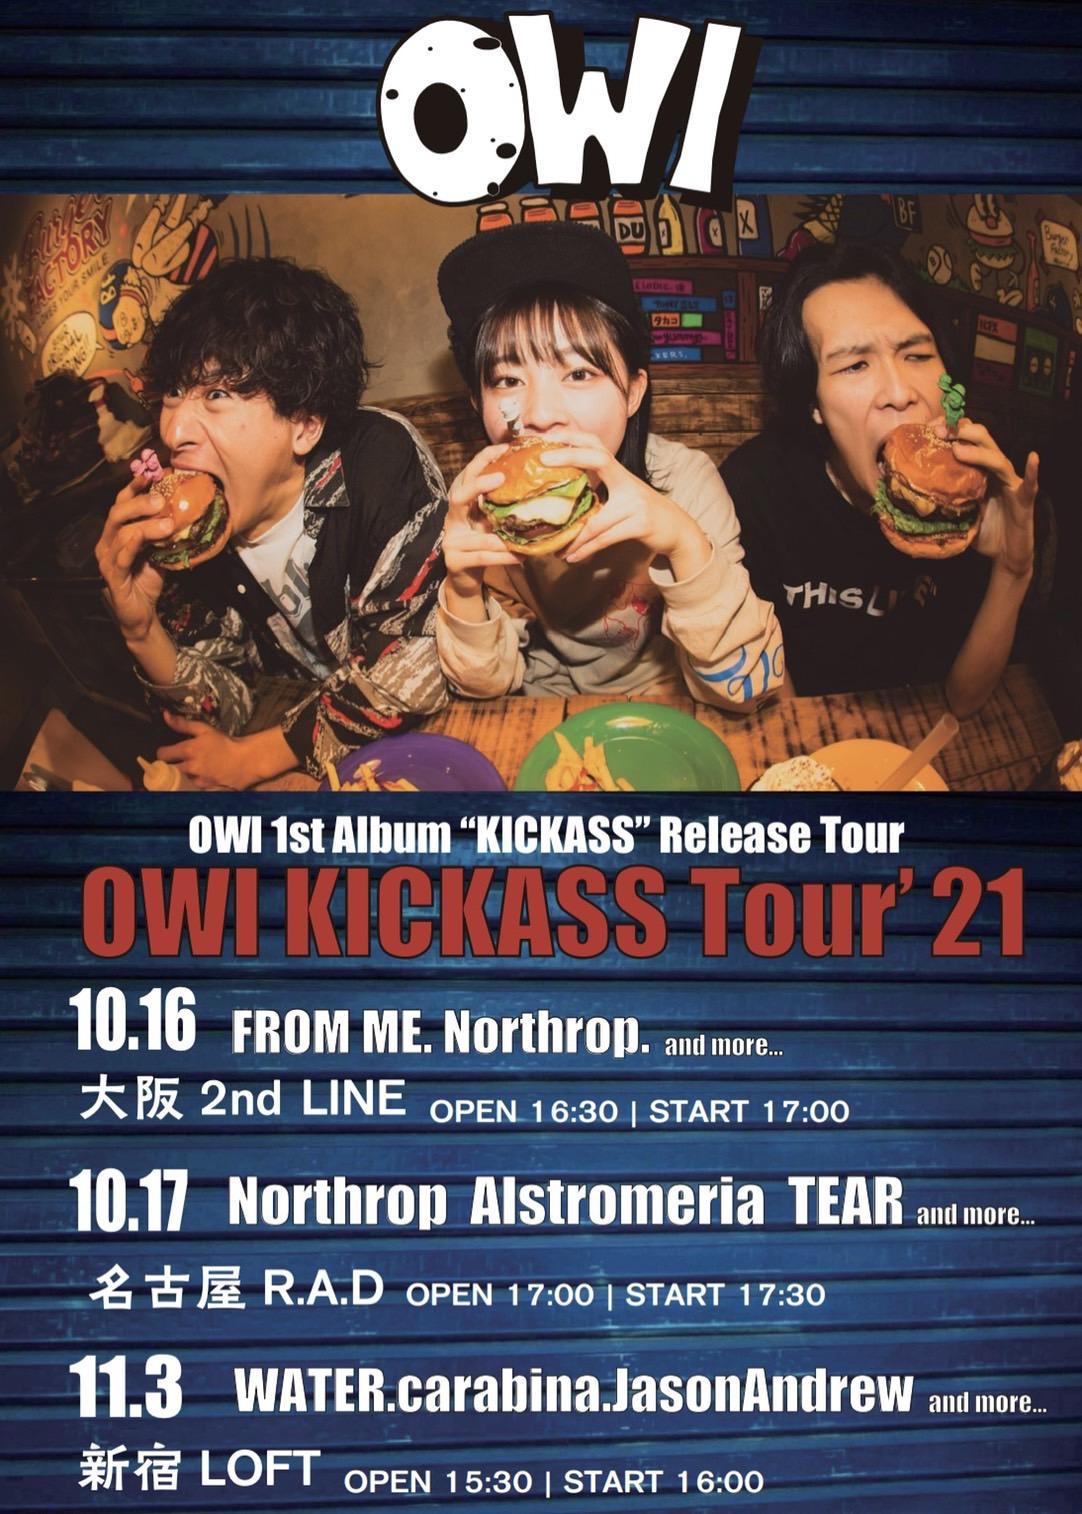 OWl KICKASS Tour'21